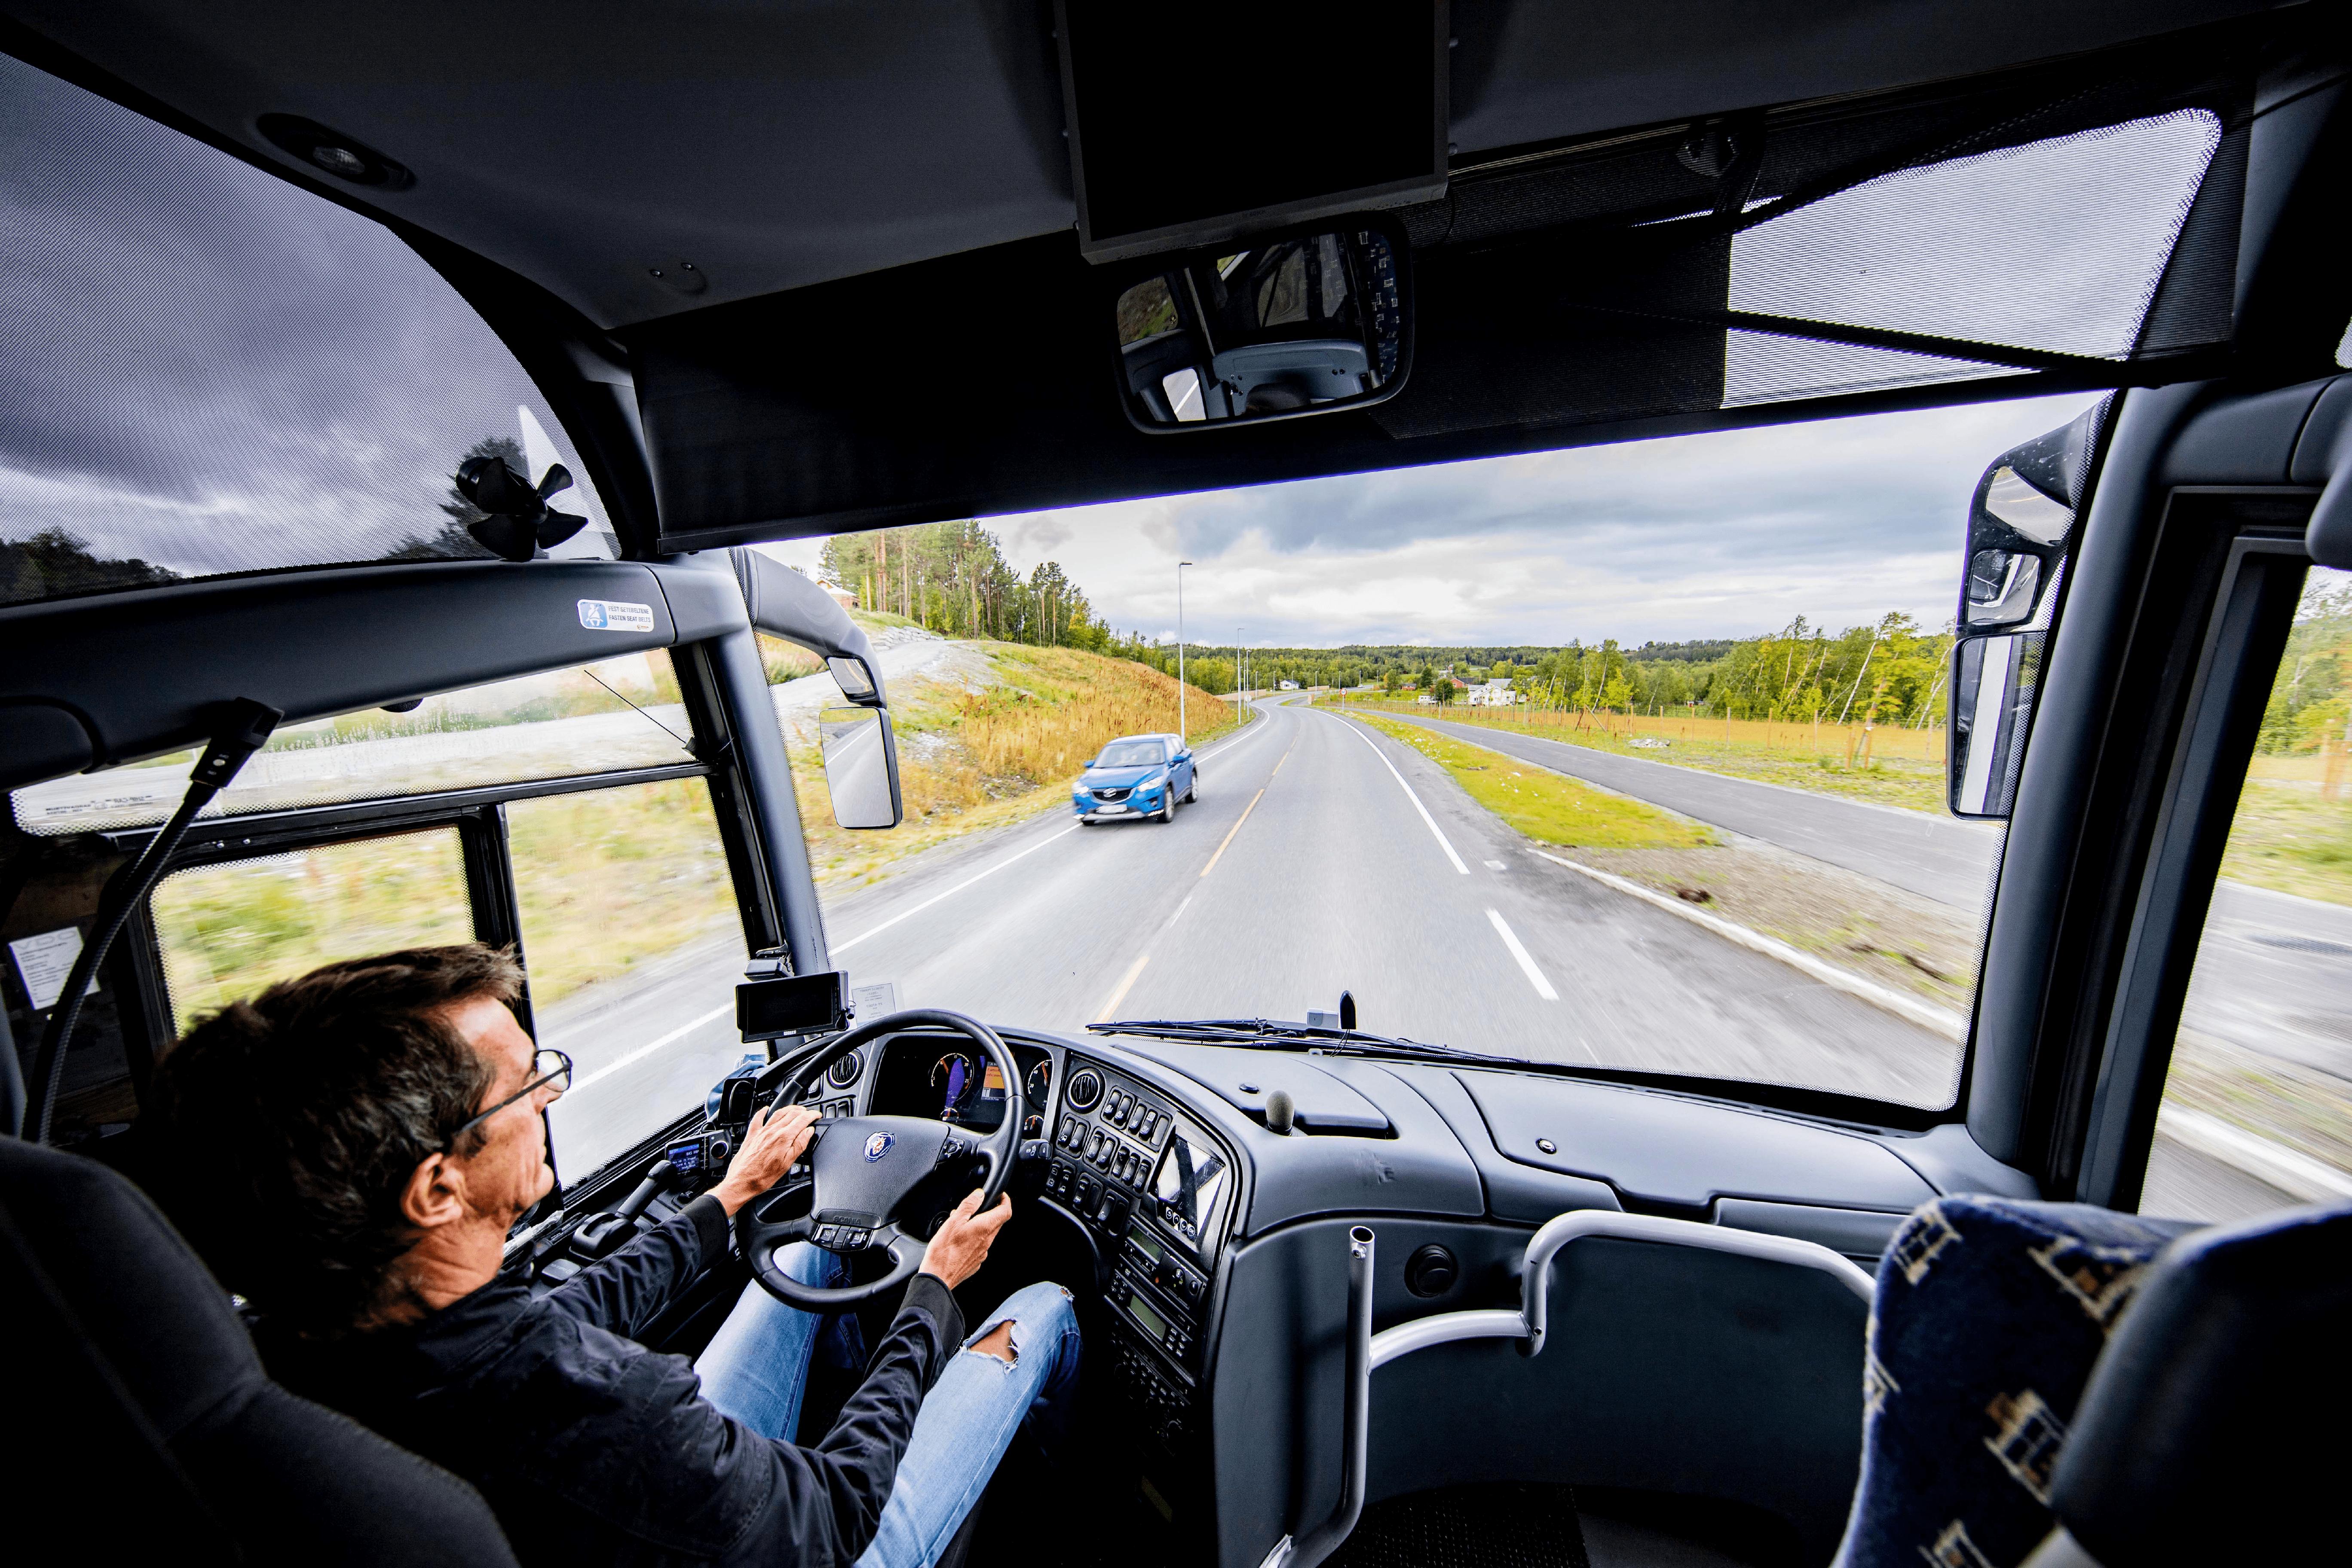 Sagelv.no buss lastebil kurs og sikkerhet maskinførerkurs adr ysk